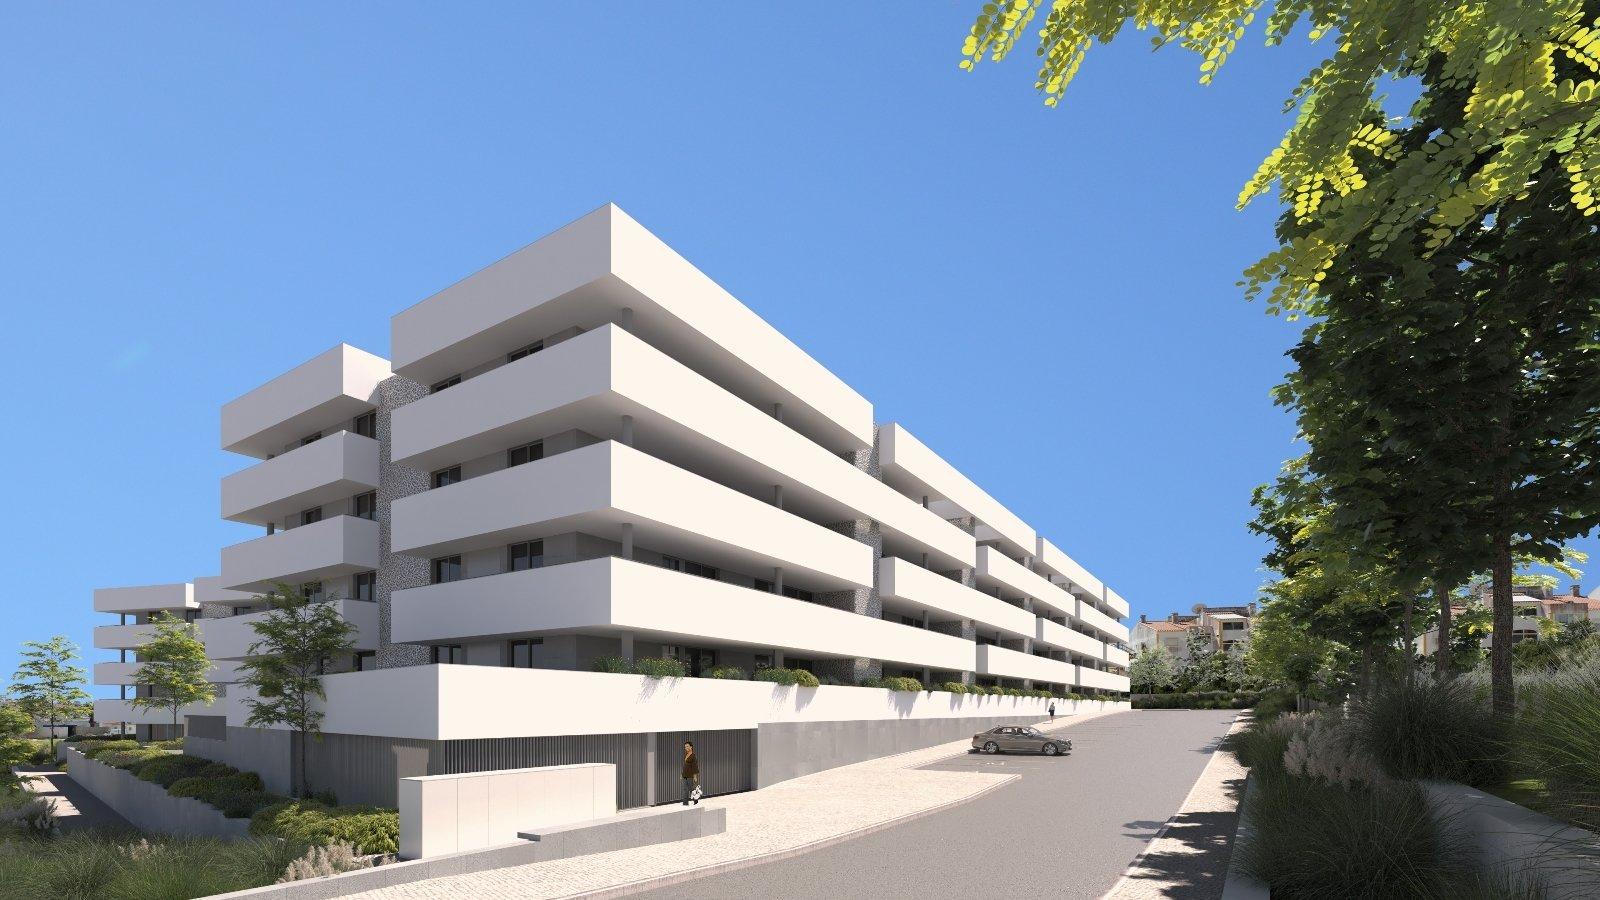 2 Bedroom Apartment Lagos, Western Algarve Ref: GA414A